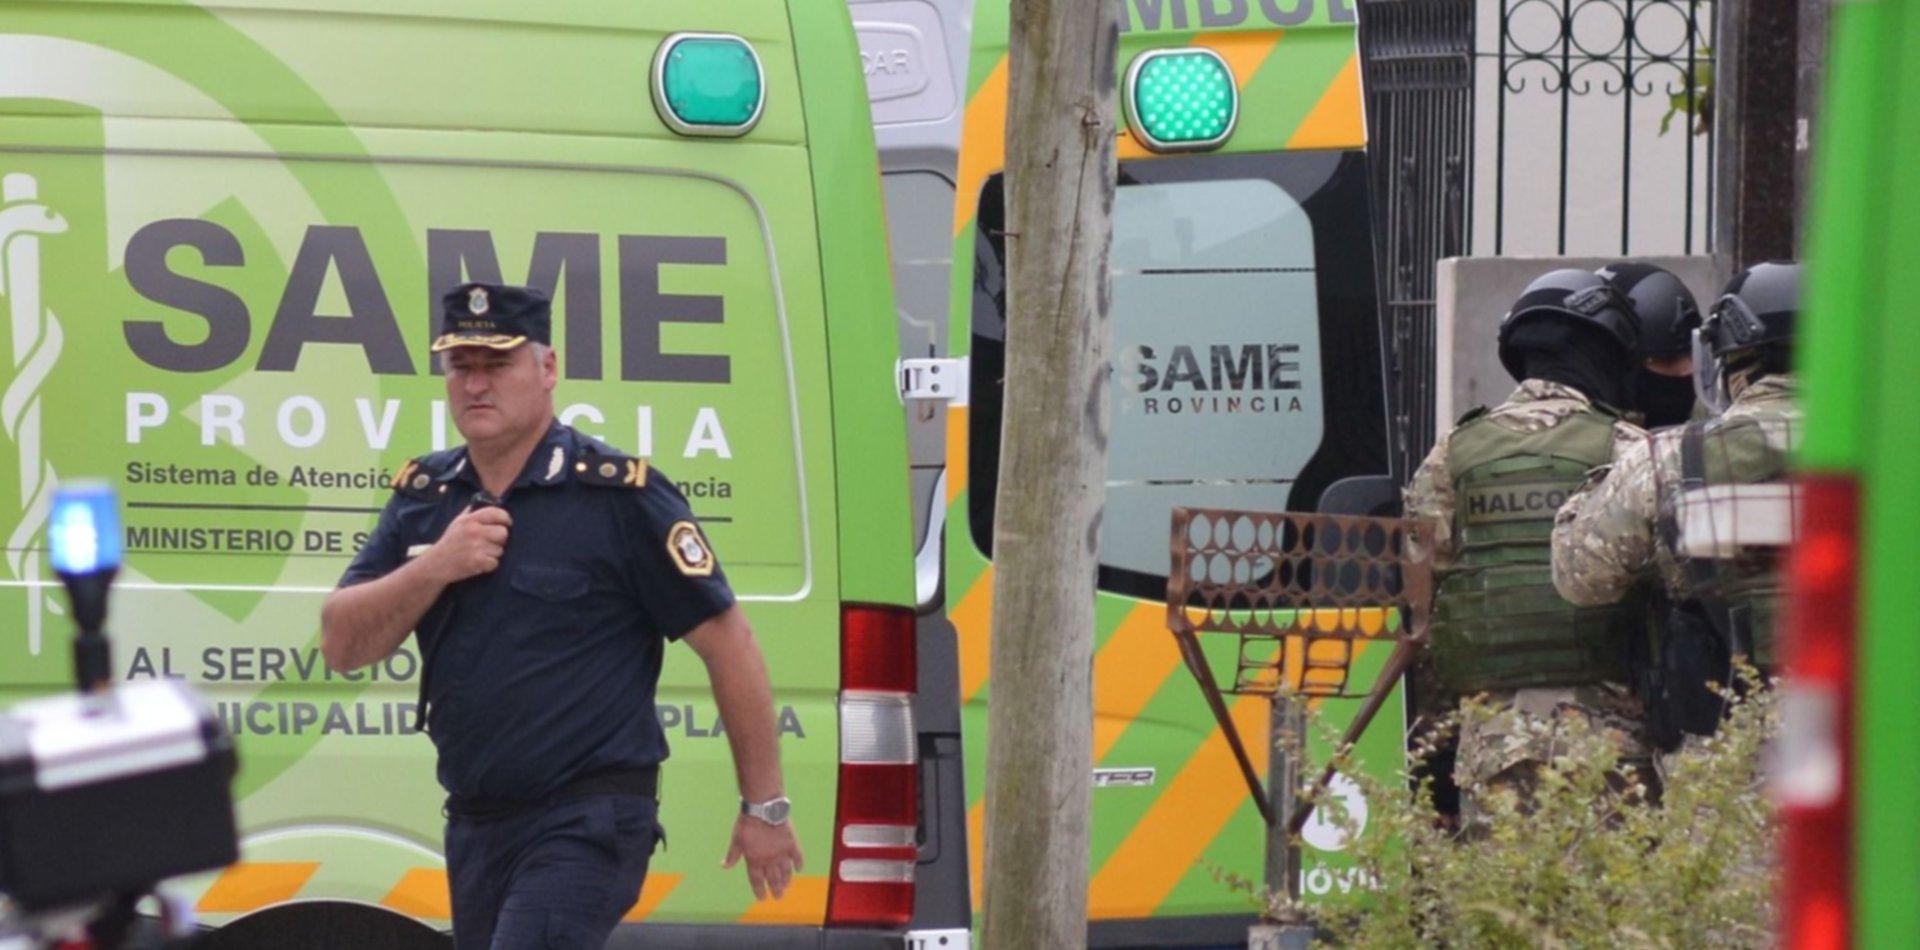 La mayoría de los homicidios registrados en el último año en La Plata fueron con armas blancas